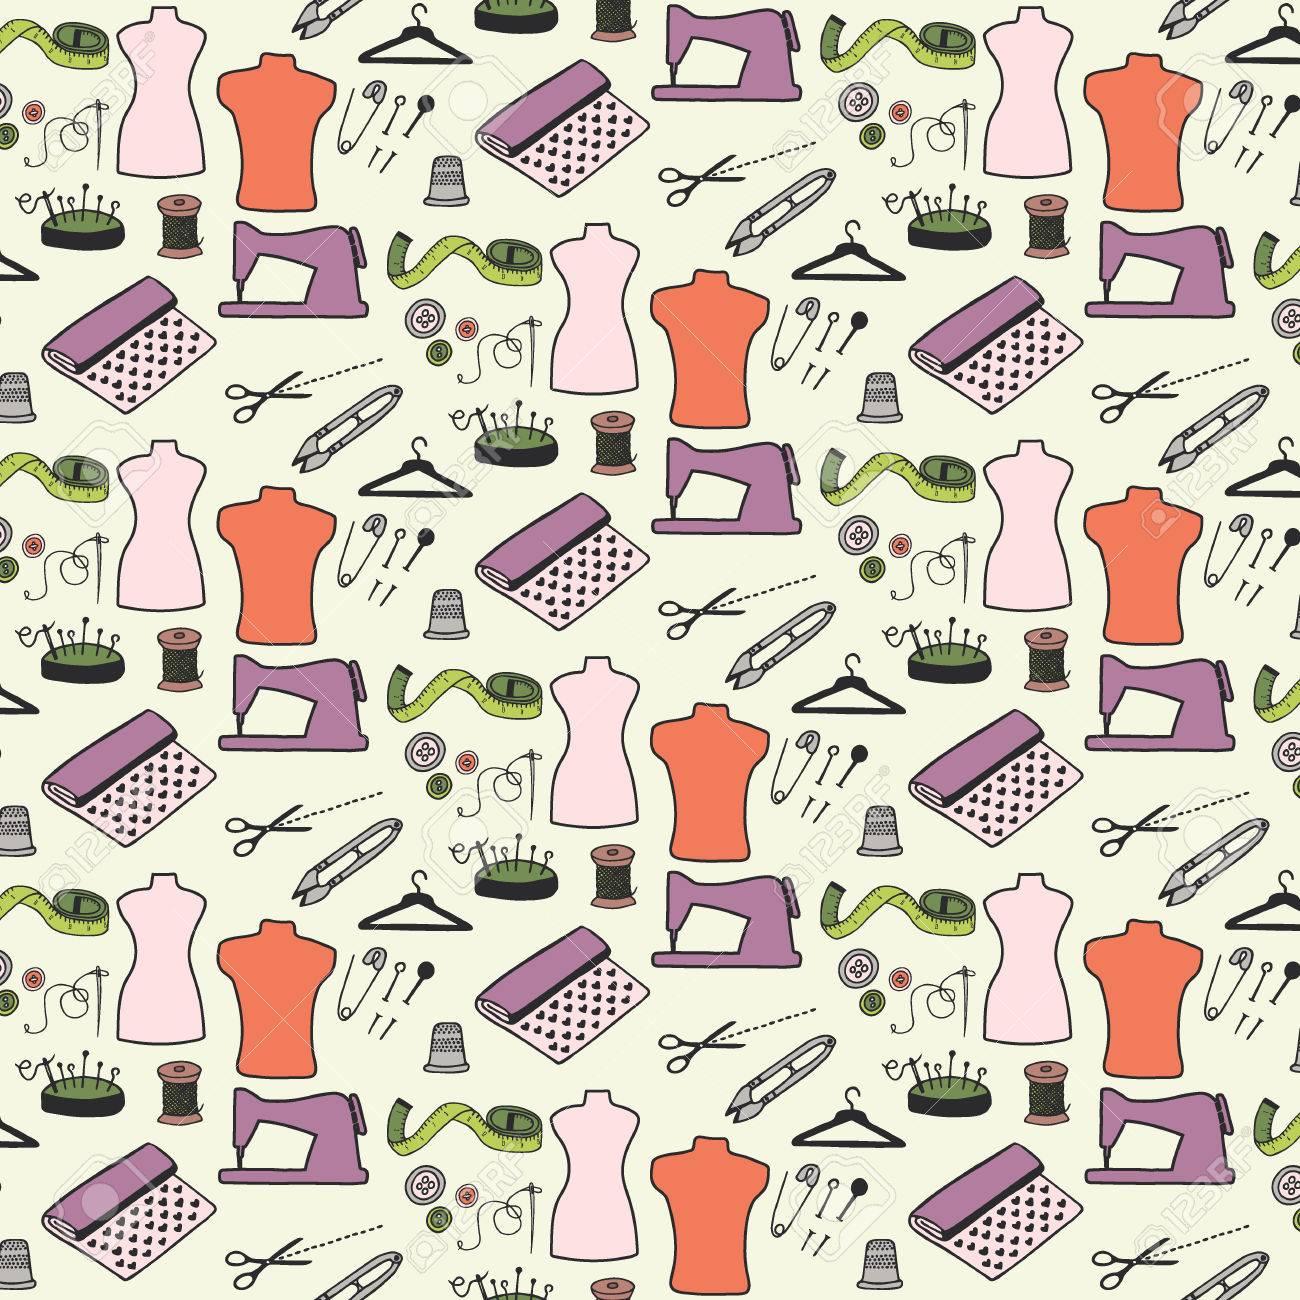 Nähen. Nahtlose Muster Mit Handgezeichneten Cartoon Nähwerkzeugen ...